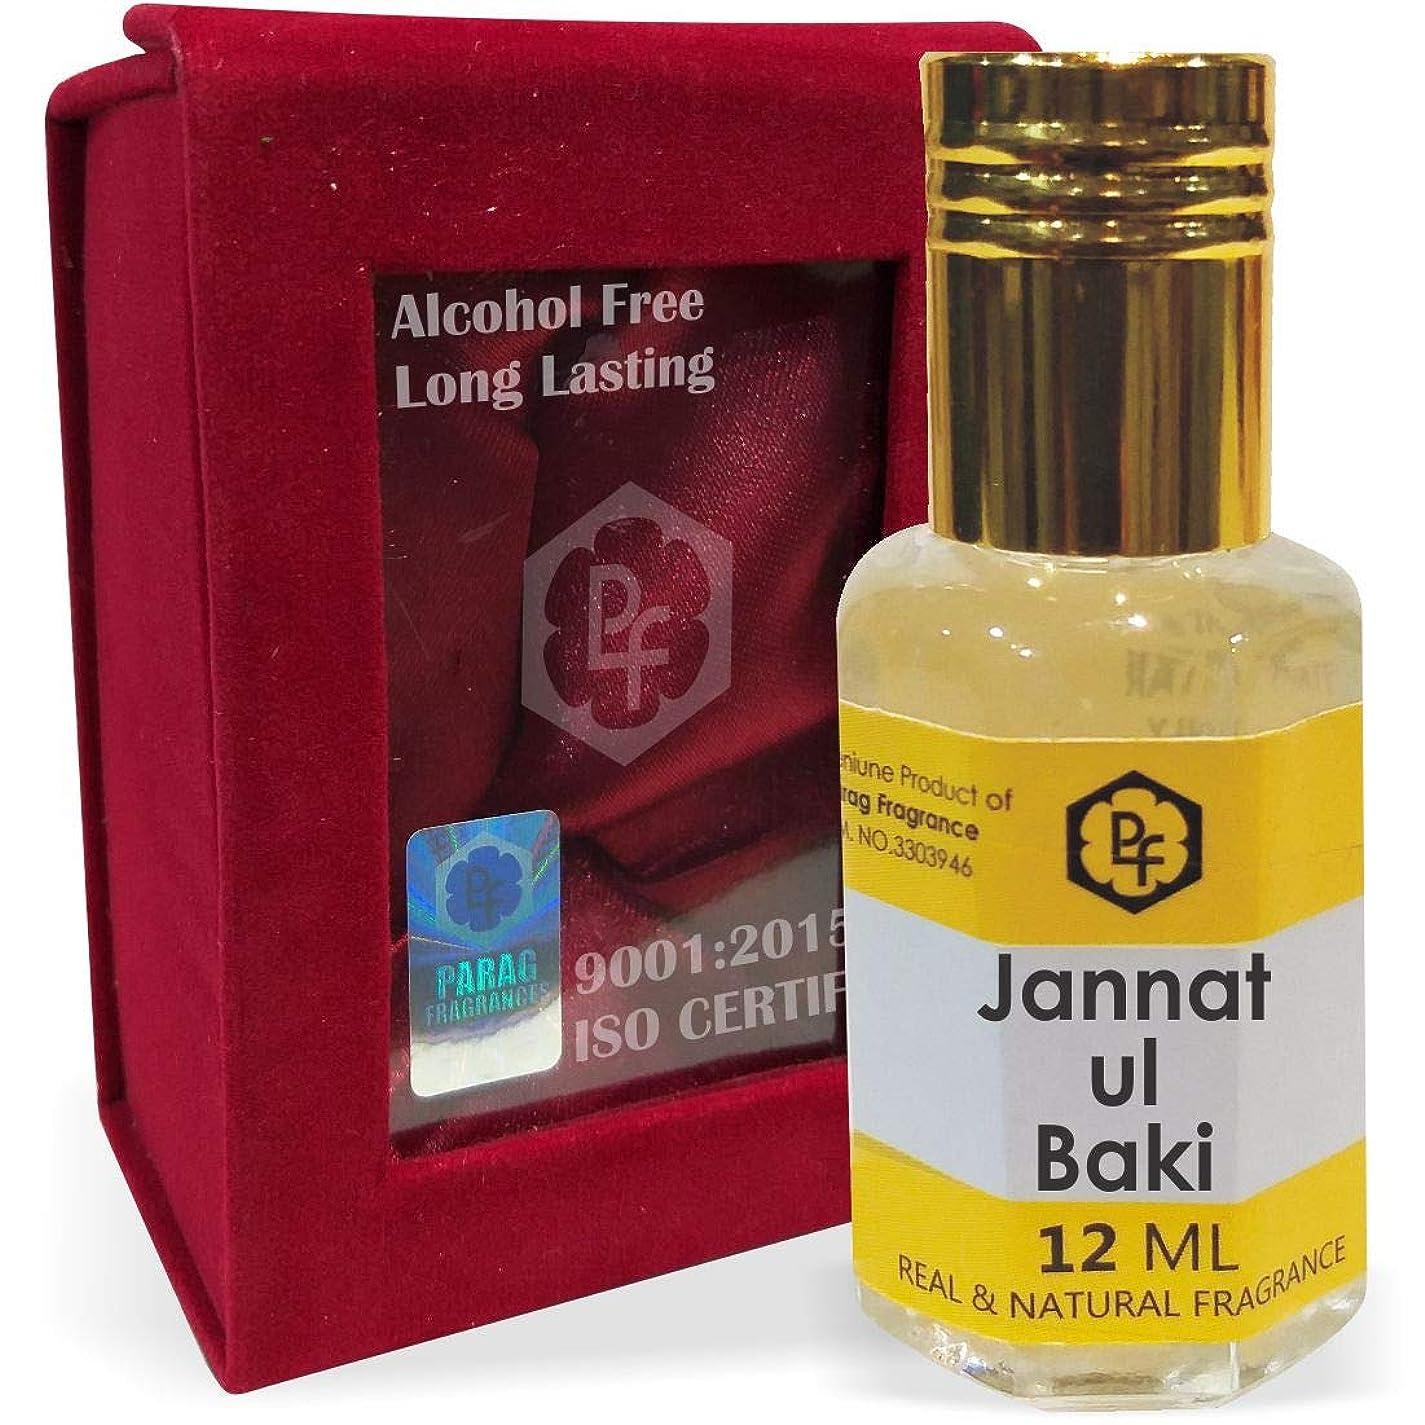 神経障害鍔活力ParagフレグランスJannat手作りベルベットボックスがULグラップラー12ミリリットルアター/香水(インドの伝統的なBhapka処理方法により、インド製)オイル/フレグランスオイル|長持ちアターITRA最高の品質